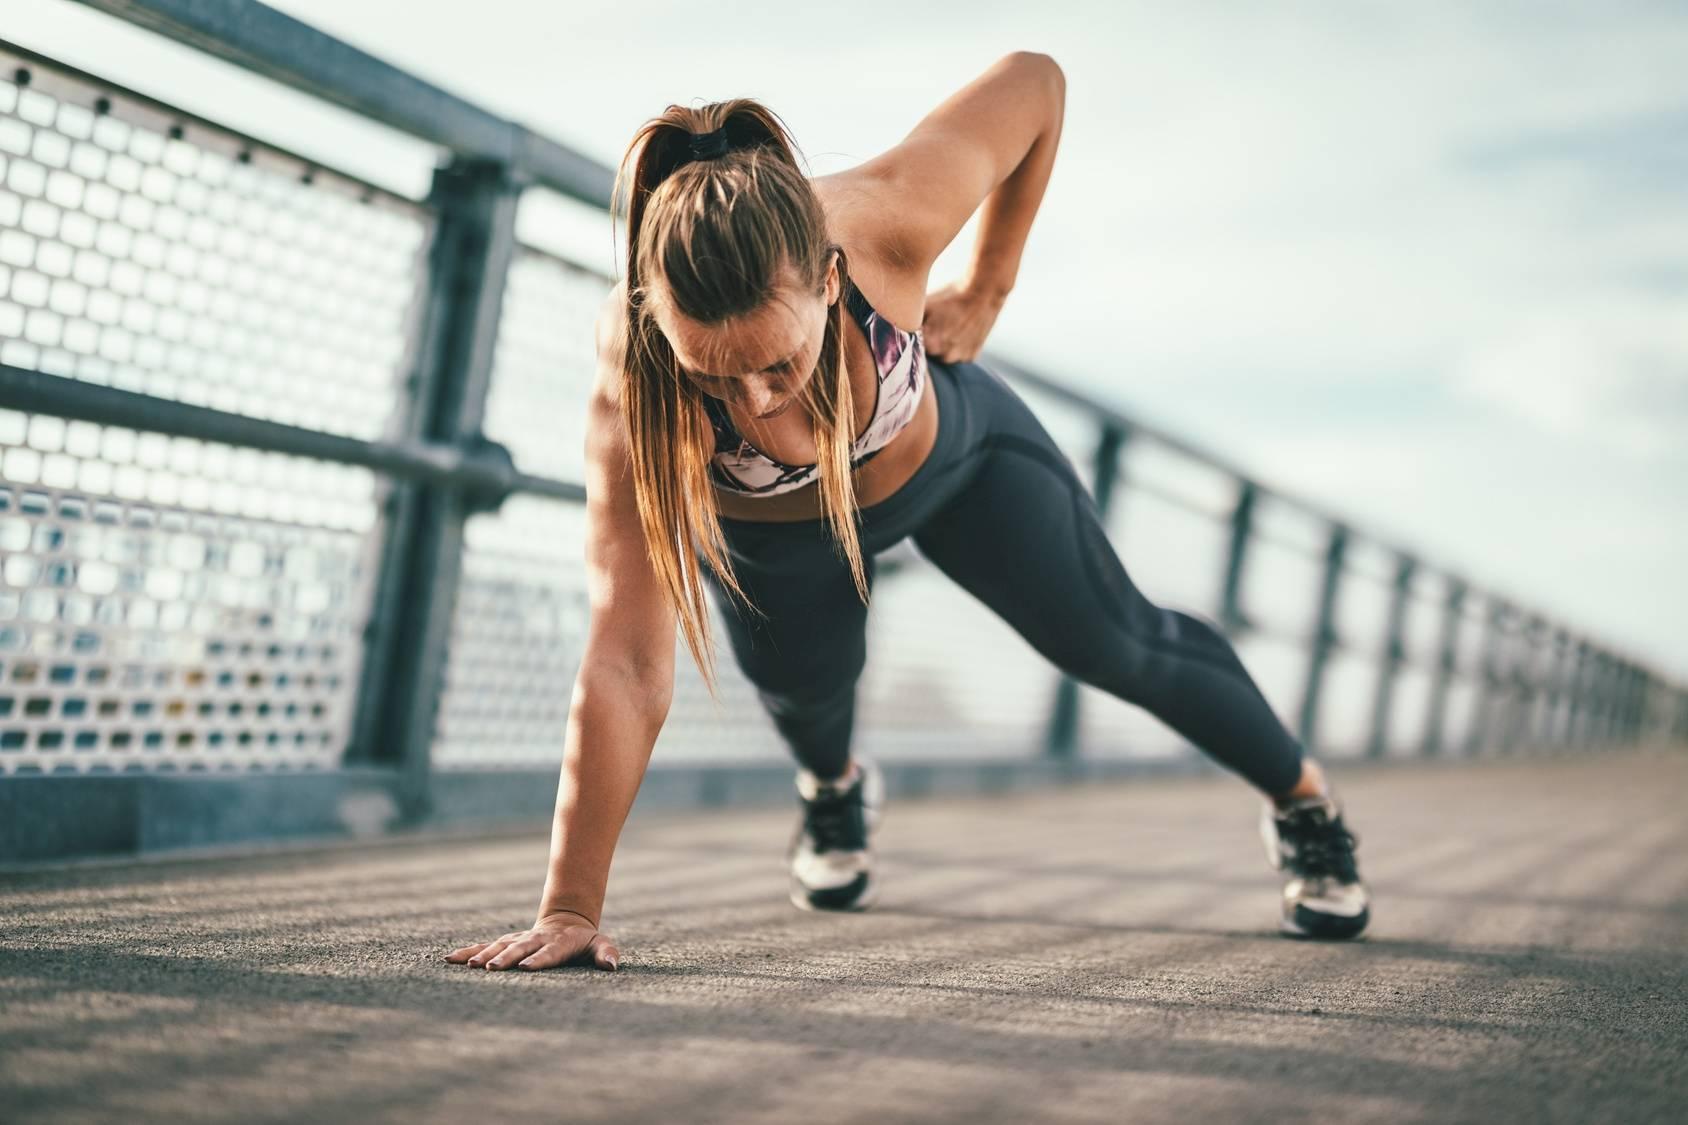 Rozciąganie po ćwiczeniach - jak je wykonać prawidłowo?